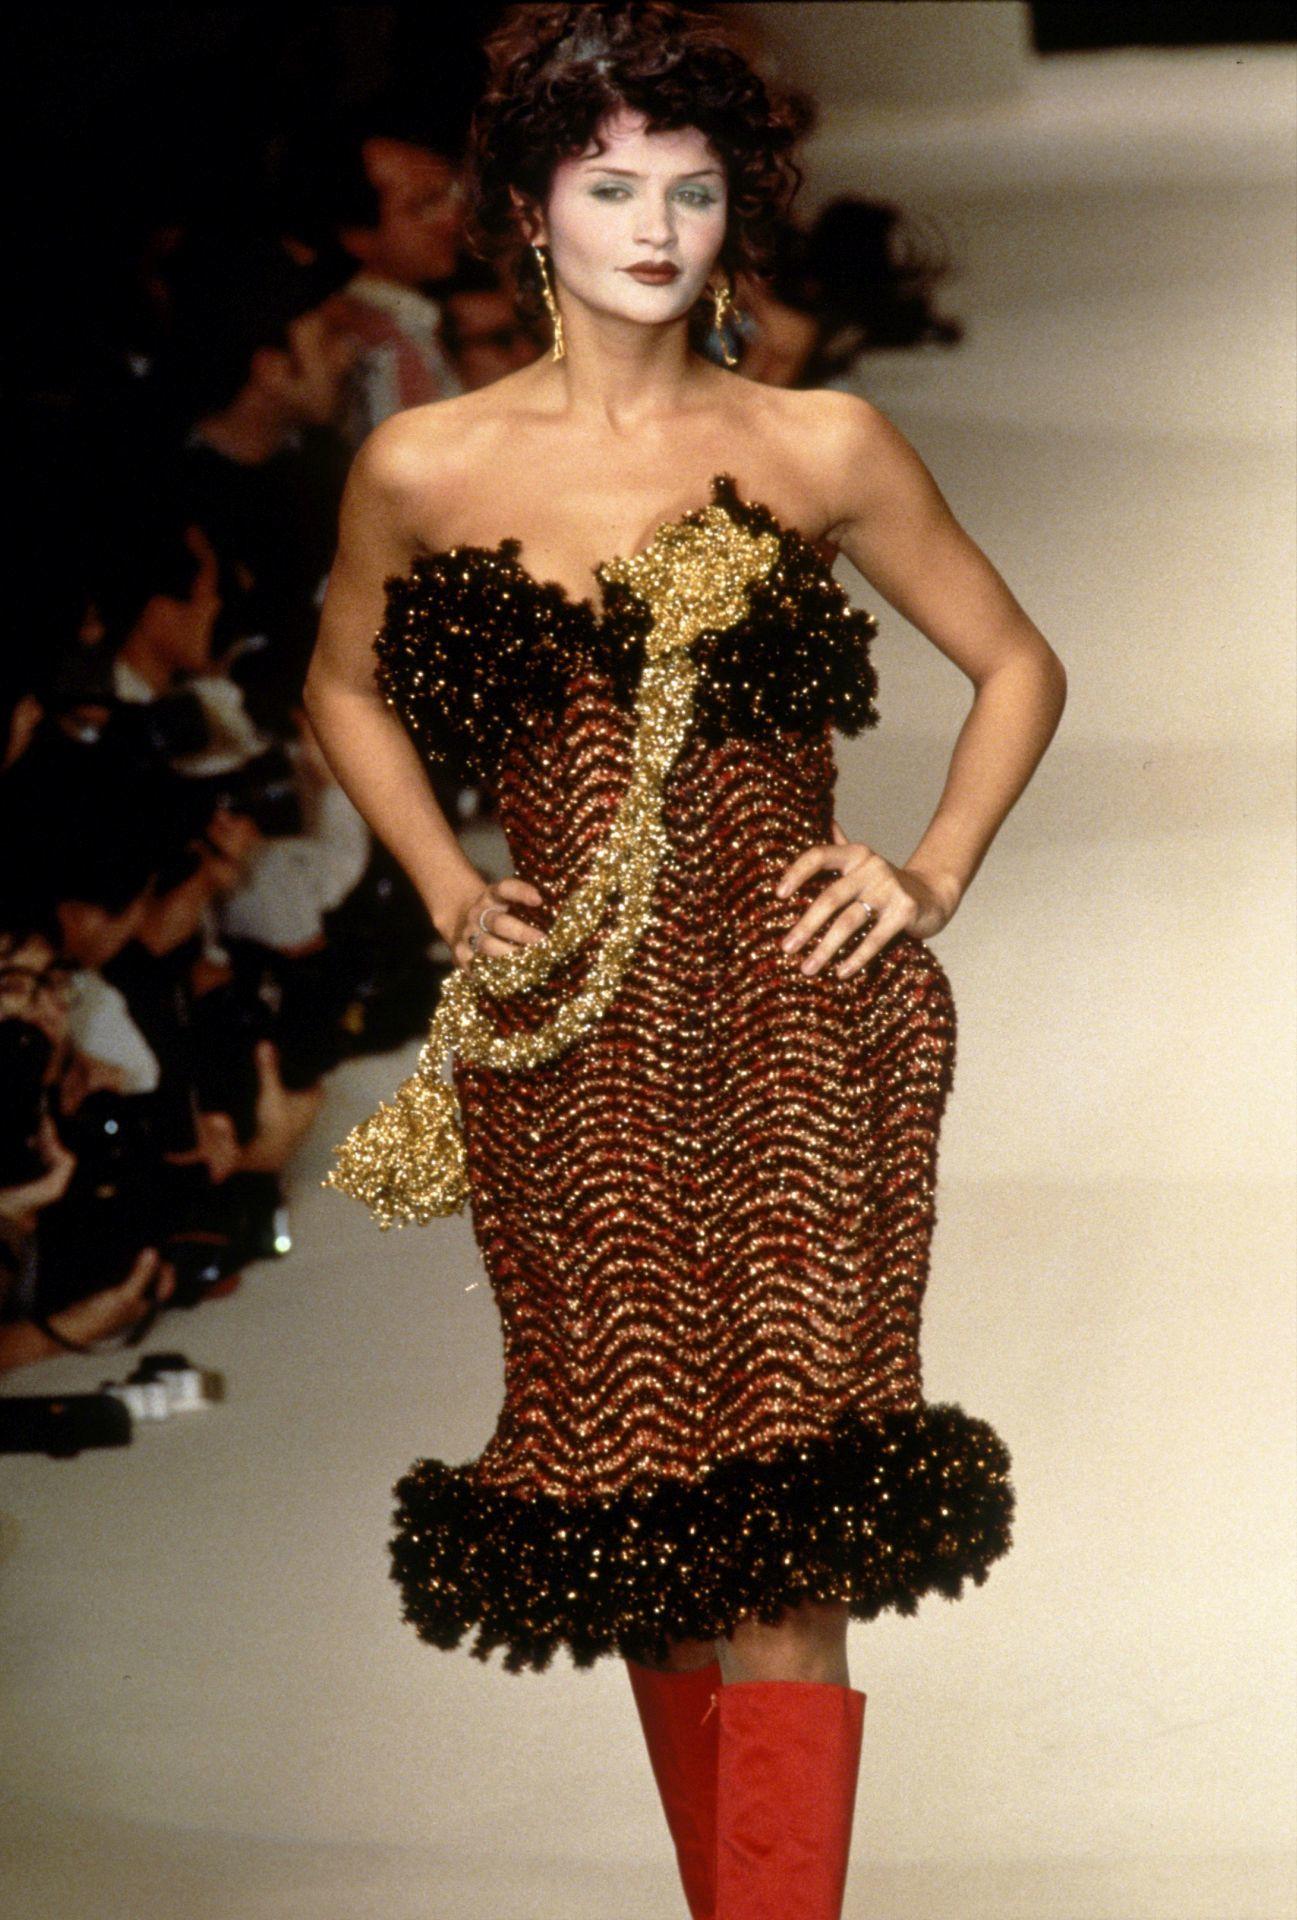 Helena Christensen Vivienne Westwood 1995-ös őszi divatbemutatóján